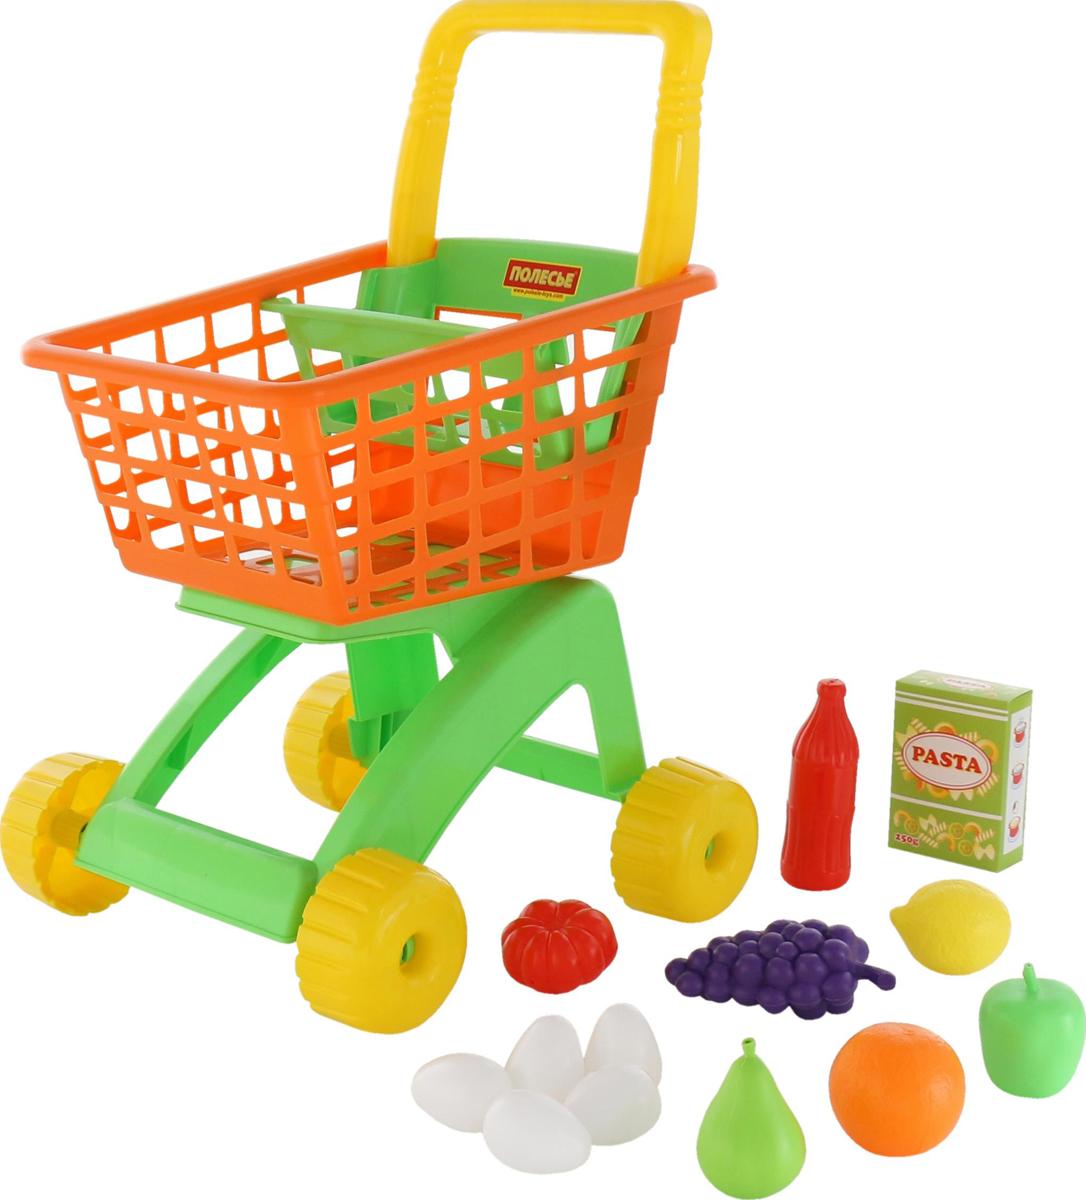 Полесье Игрушечная тележка для магазина с набором продуктов №8 - Сюжетно-ролевые игрушки